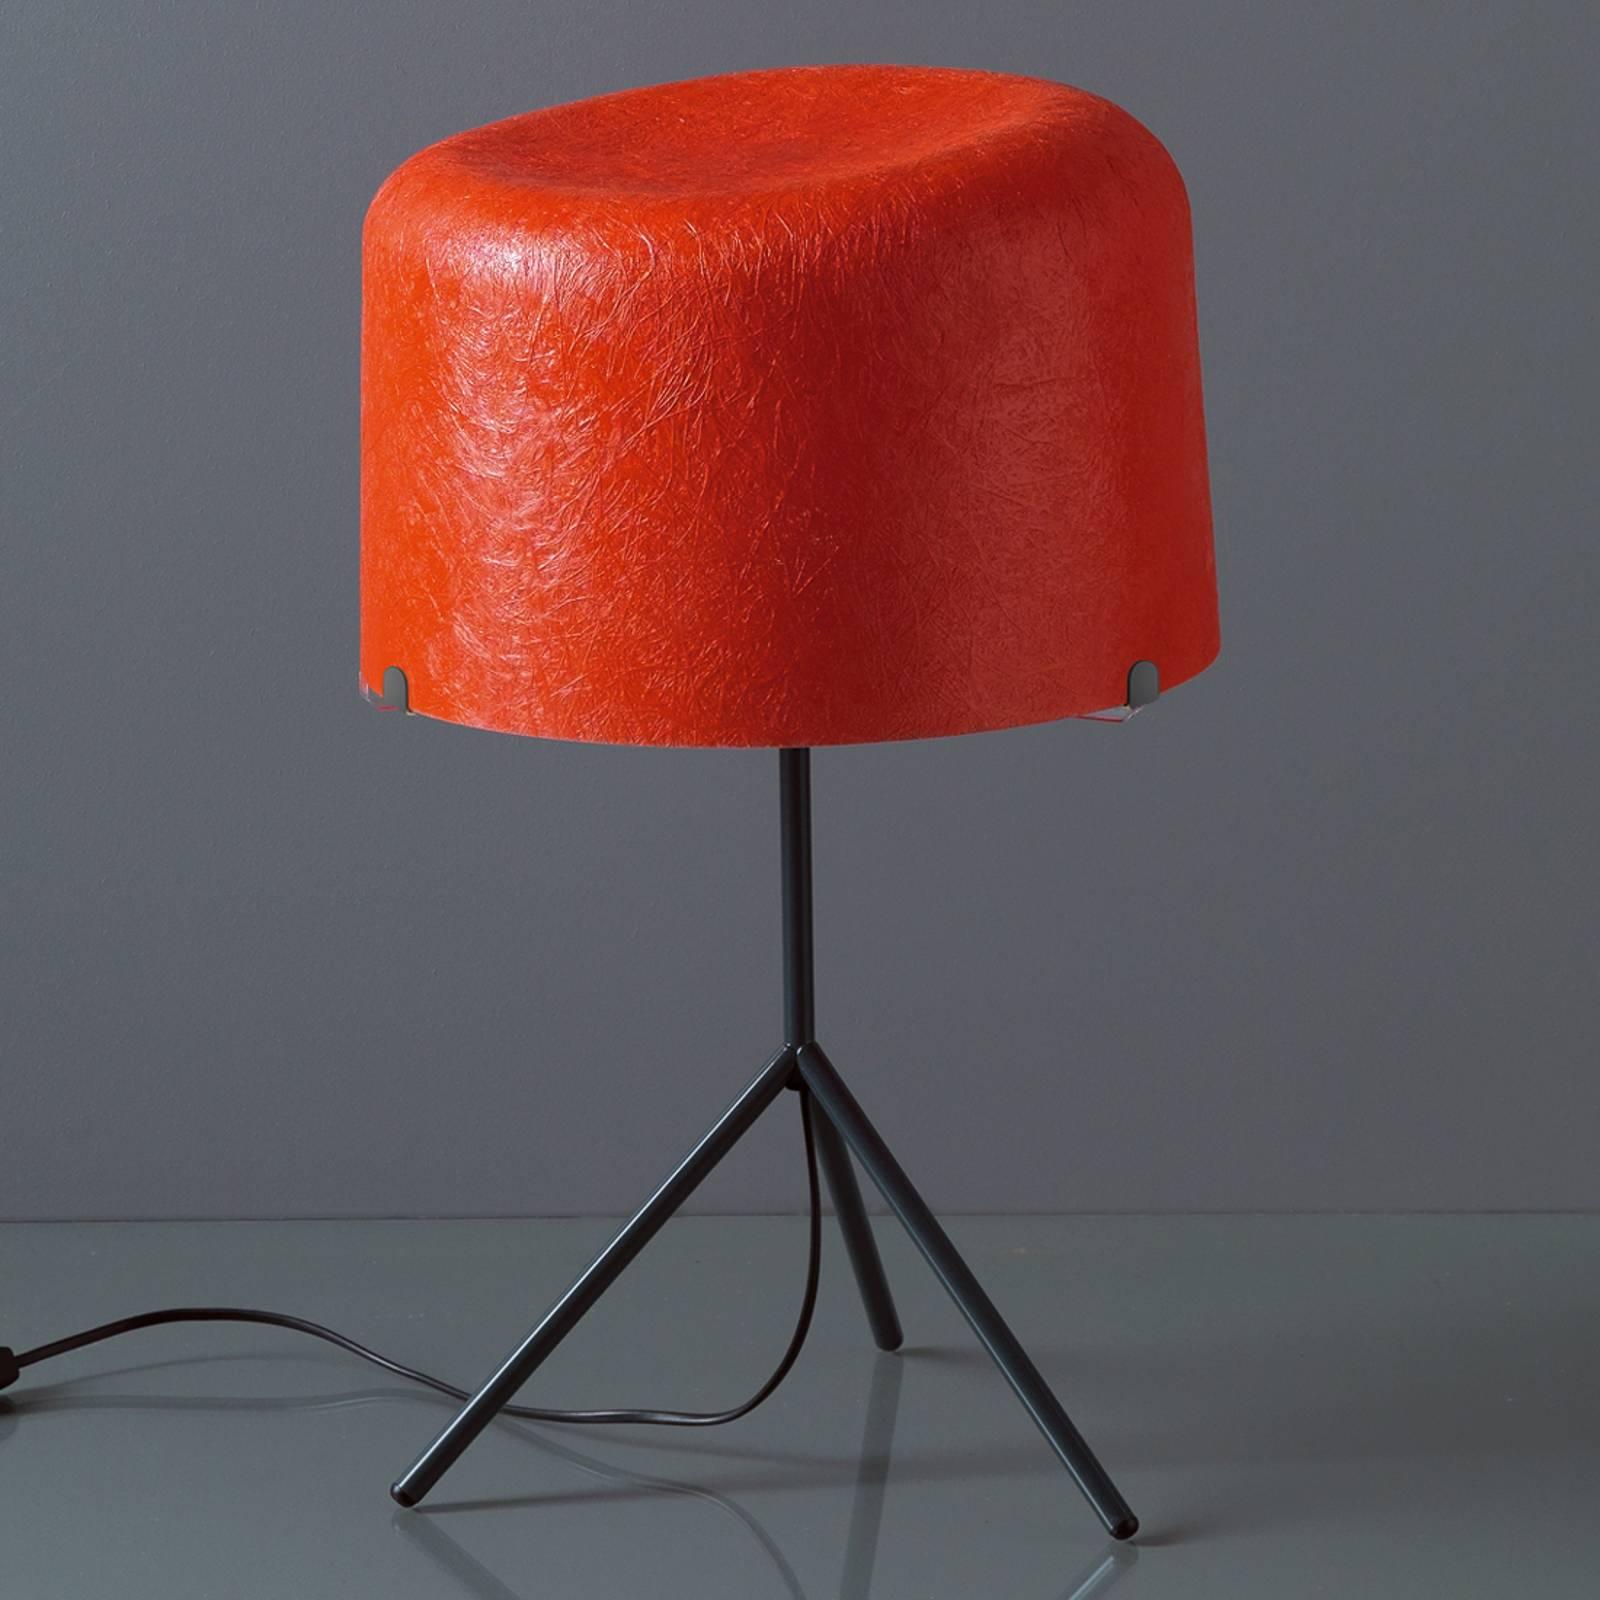 Pöytävalaisin Ola lasikuitua, punainen, K 53 cm